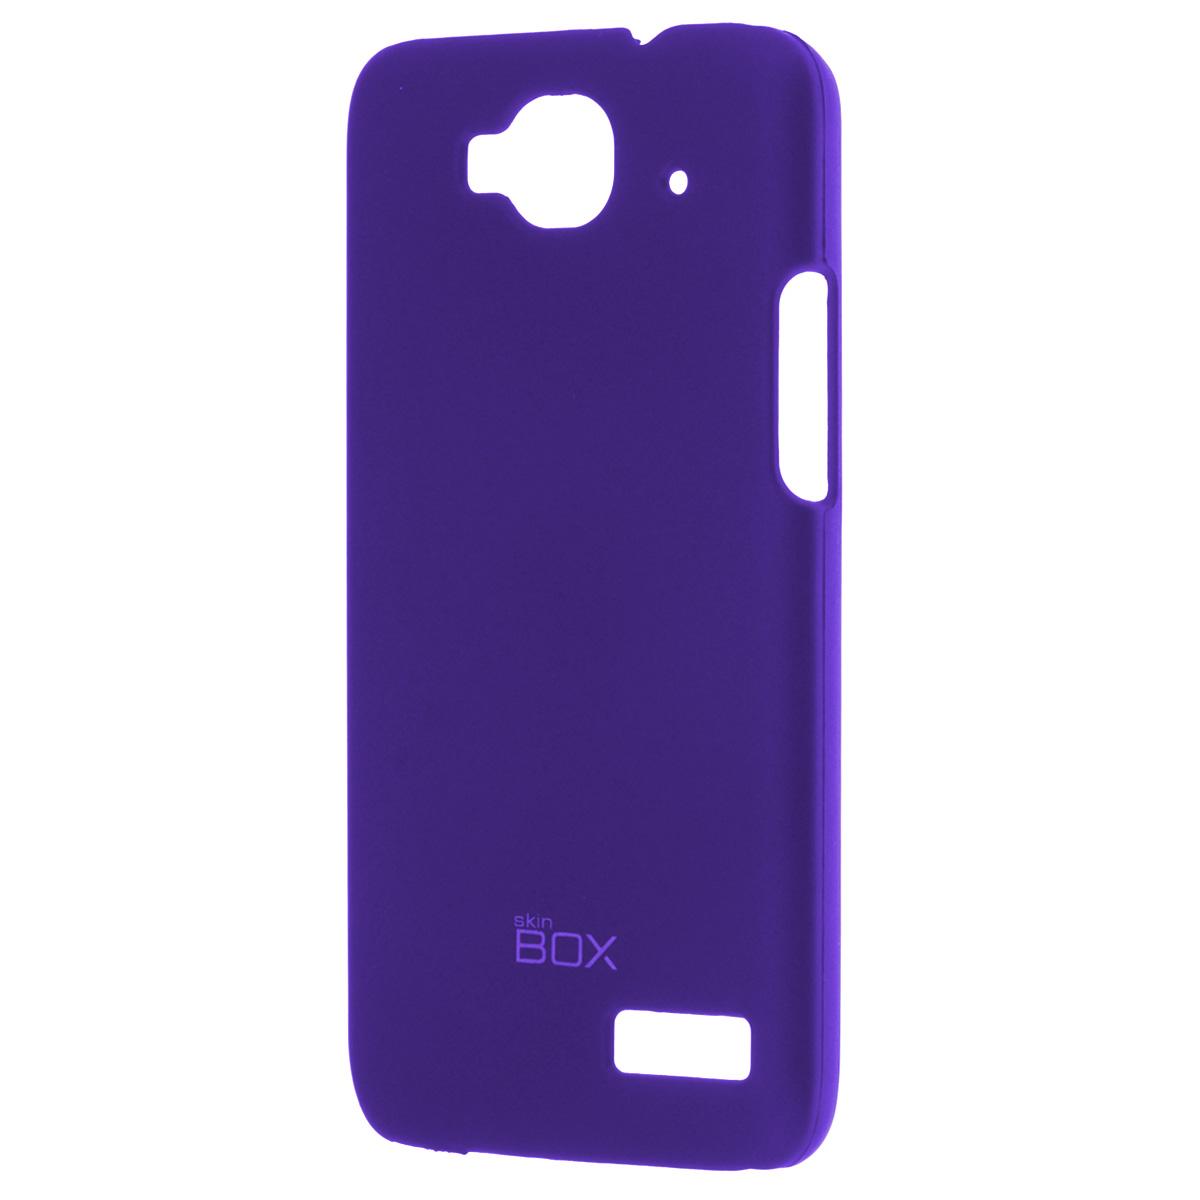 Skinbox Shield 4People чехол для Alcatel 6012D Idol Mini, BlueT-S-A6012D-002Накладка Skinbox Shield 4People для Alcatel 6012D Idol Mini - отличный аксессуар для защиты корпуса вашего смартфона от внешних повреждений, сохраняющий размеры устройства и обеспечивающий удобство работы с ним. Устойчивый к истиранию пластик надежно амортизирует мелкие механические воздействия и предотвращает появление царапин или потертостей на корпусе вашего гаджета. В комплект также входит защитная пленка для экрана смартфона.